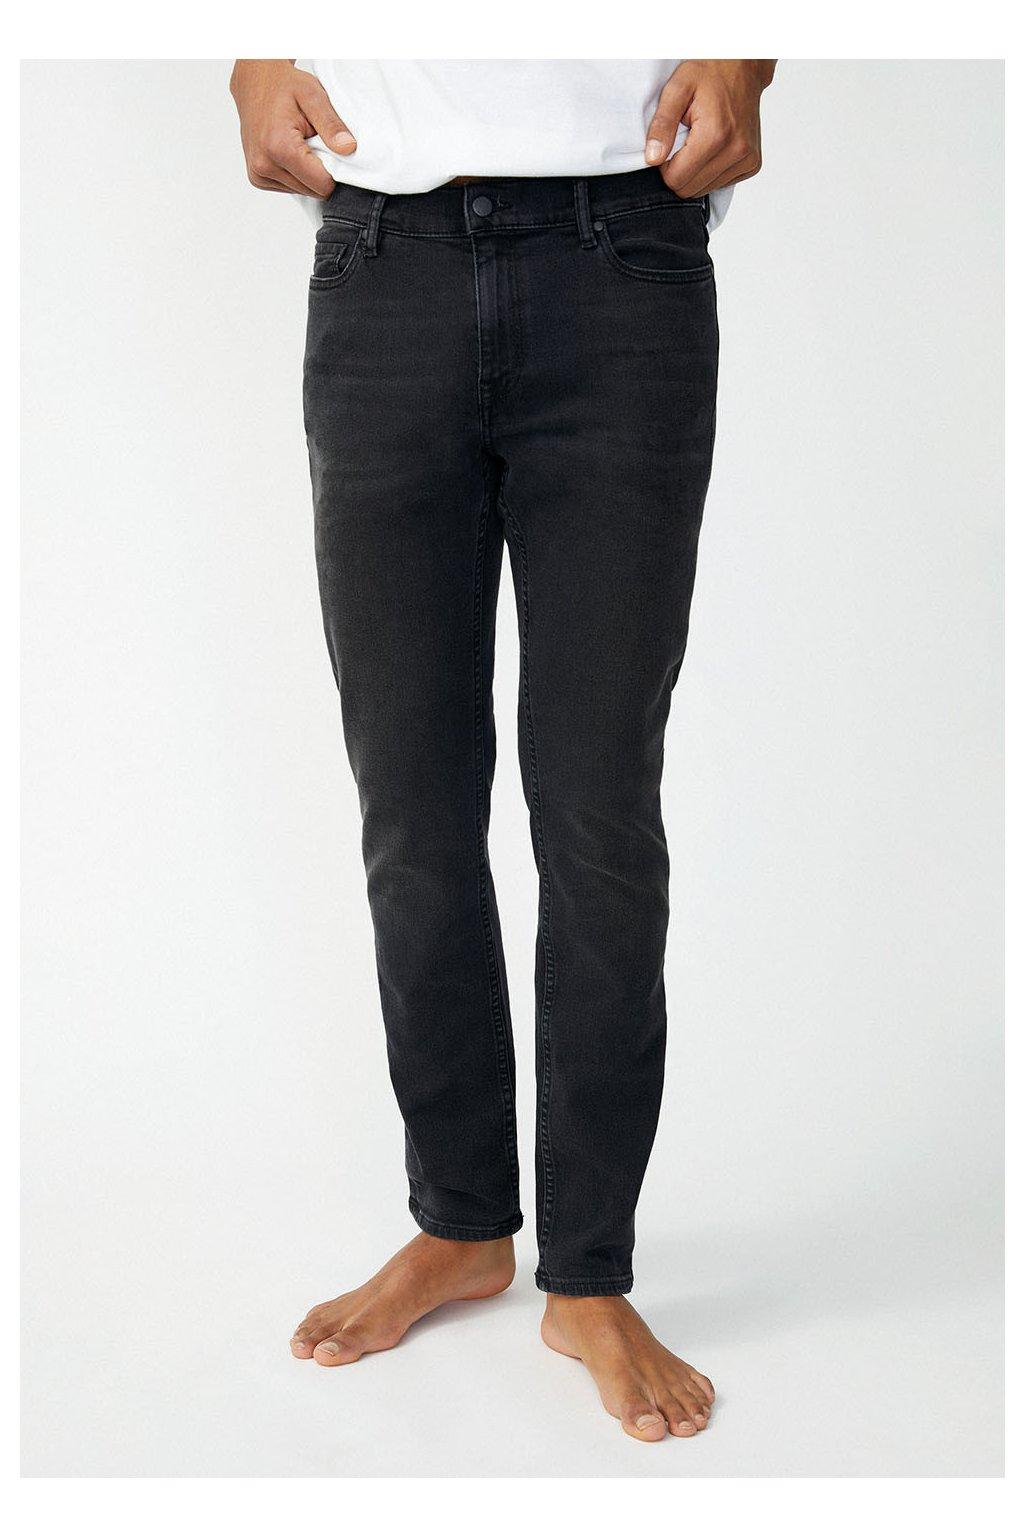 """Pánské černé džíny z biobavlny """"IAAN x STRETCH black washed"""" (Velikost 29/32)"""